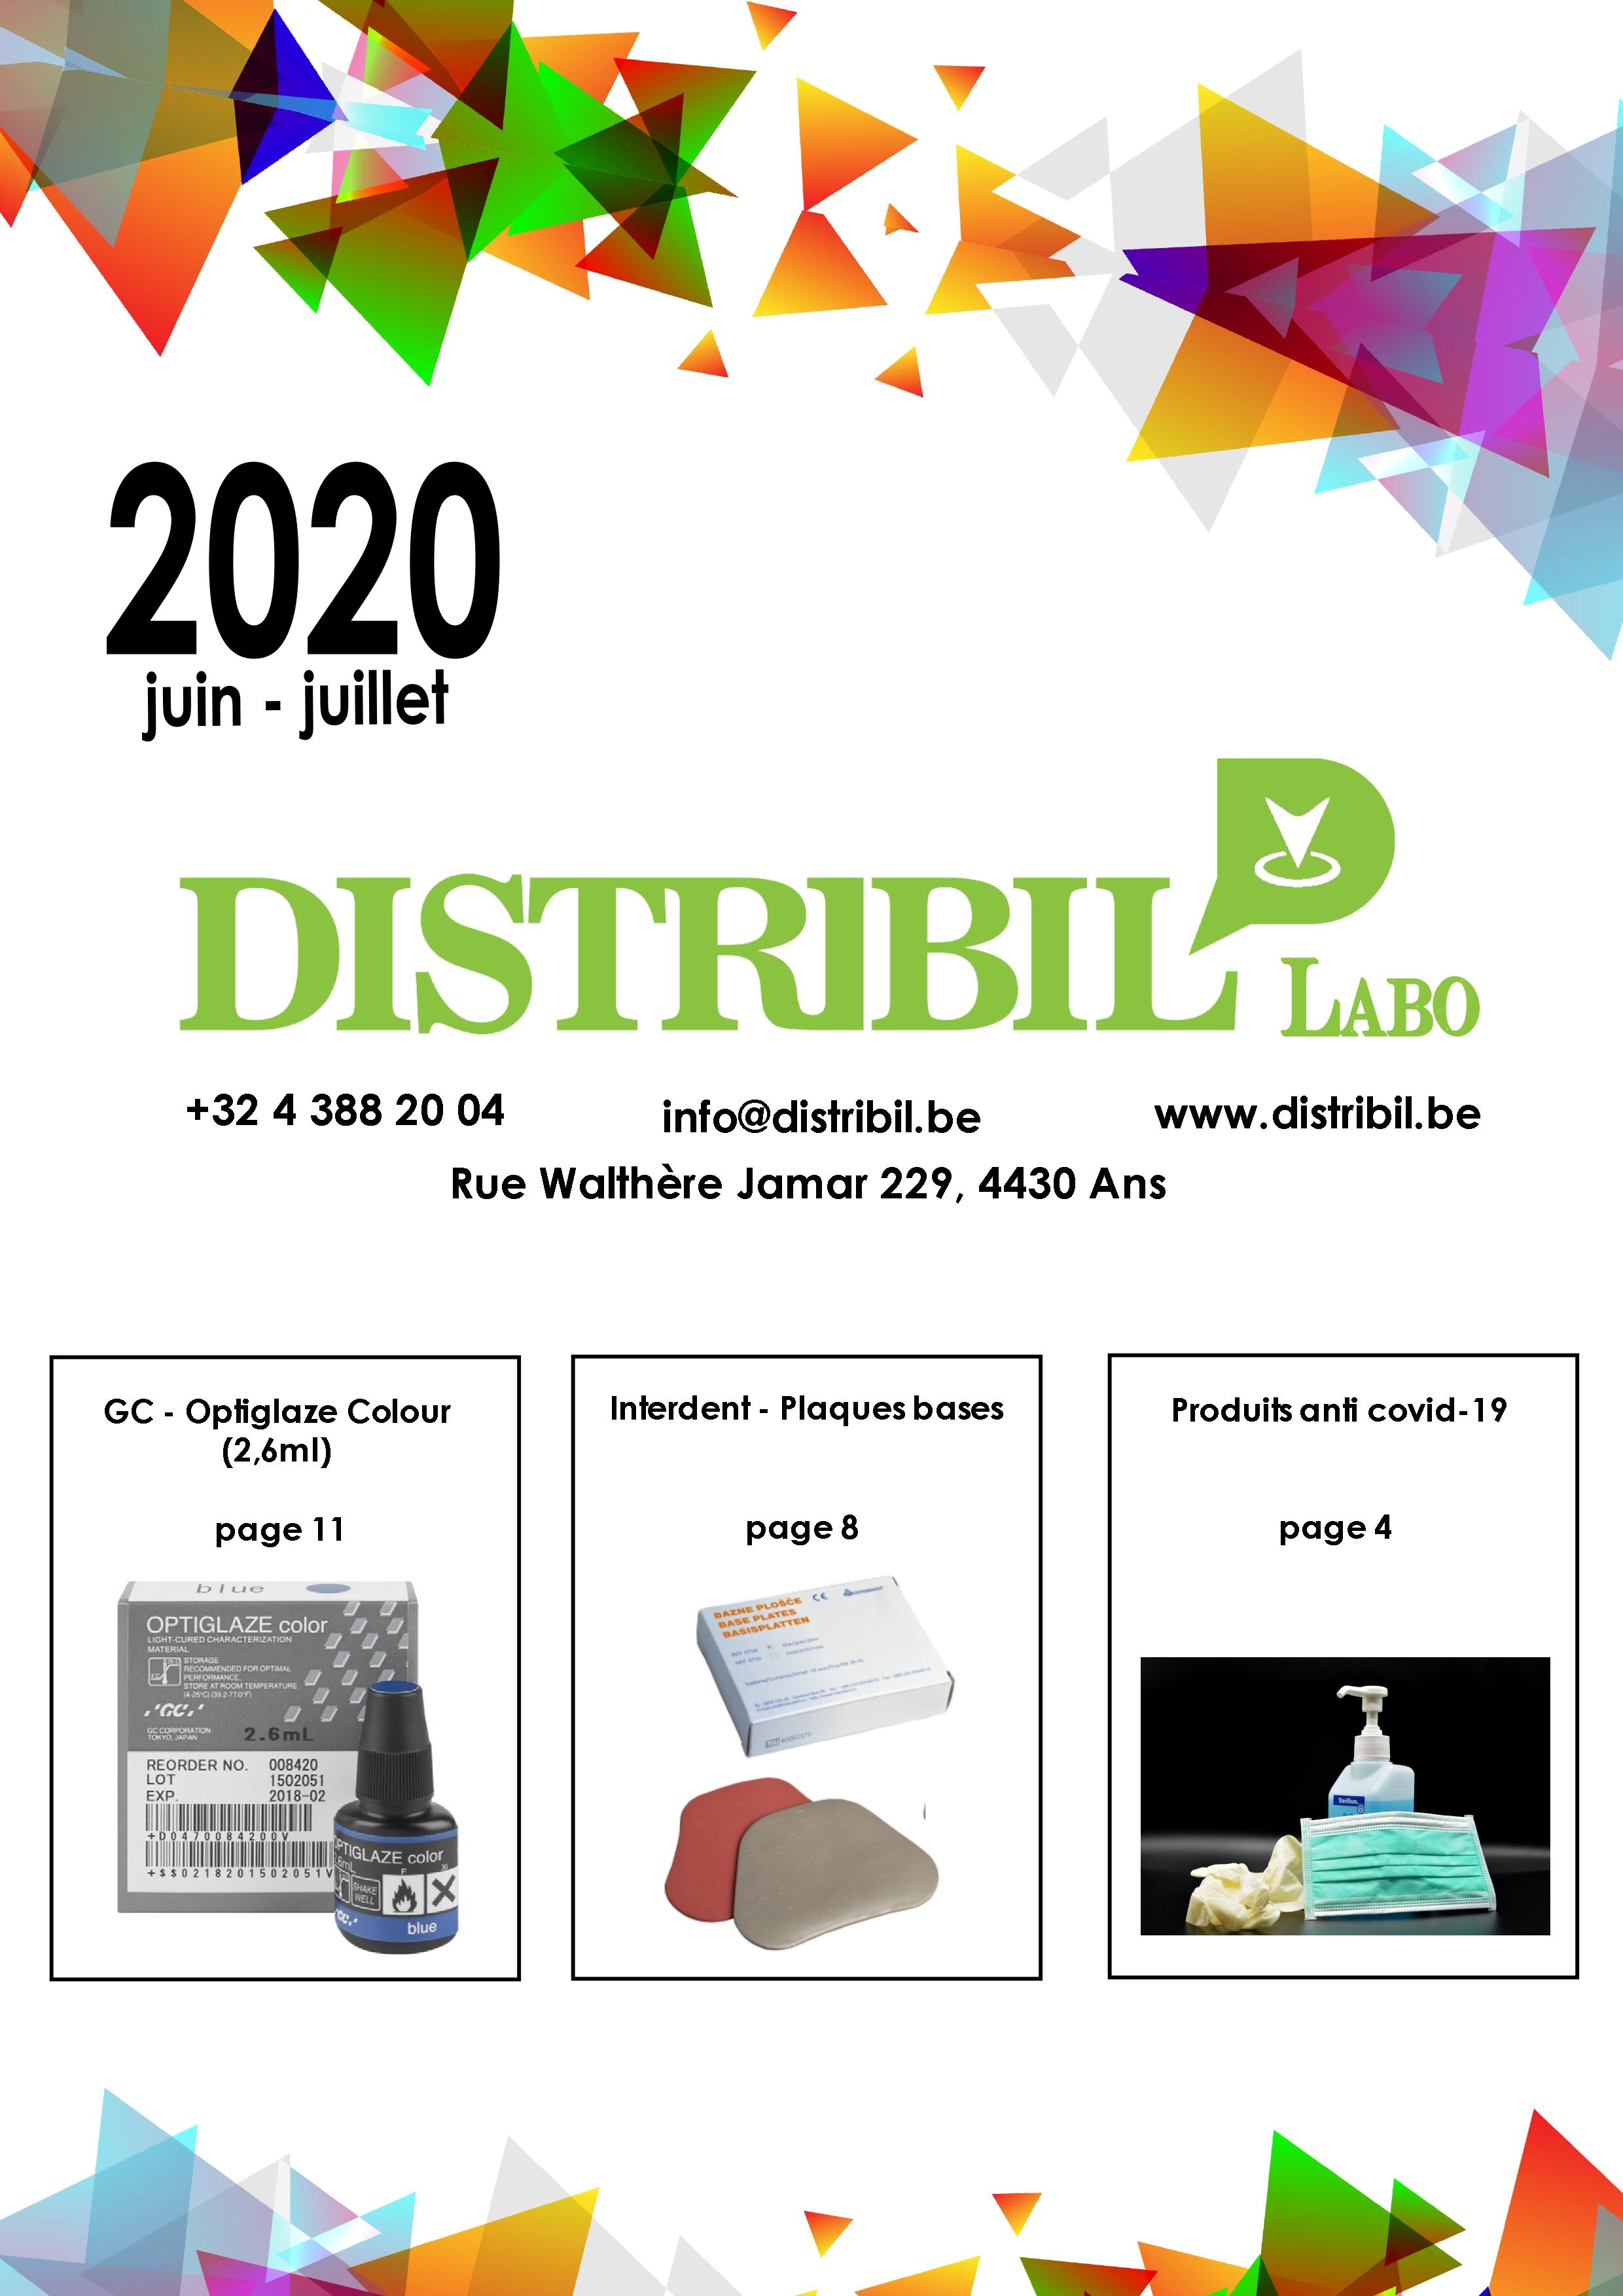 Distrilabo062020.jpg